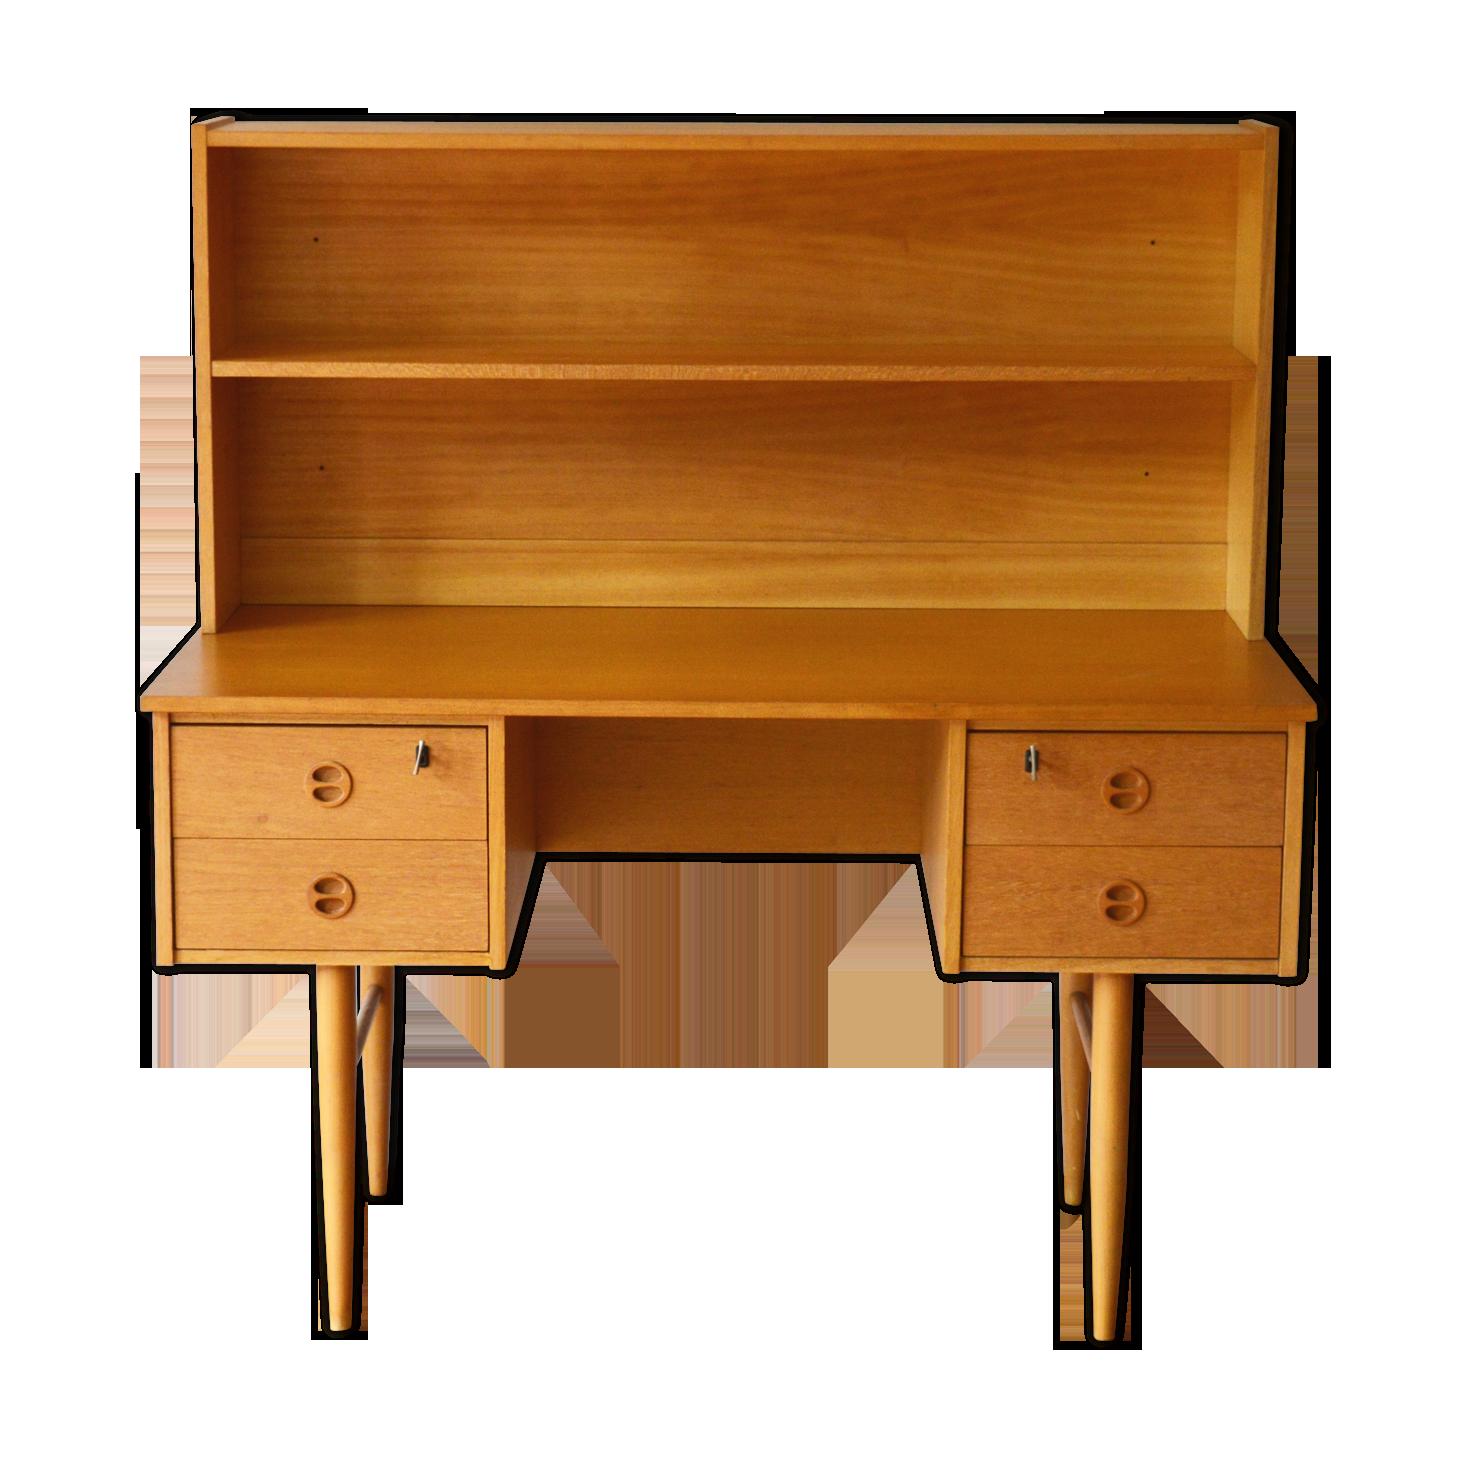 Bureau design scandinave avec étagère bois matériau bois